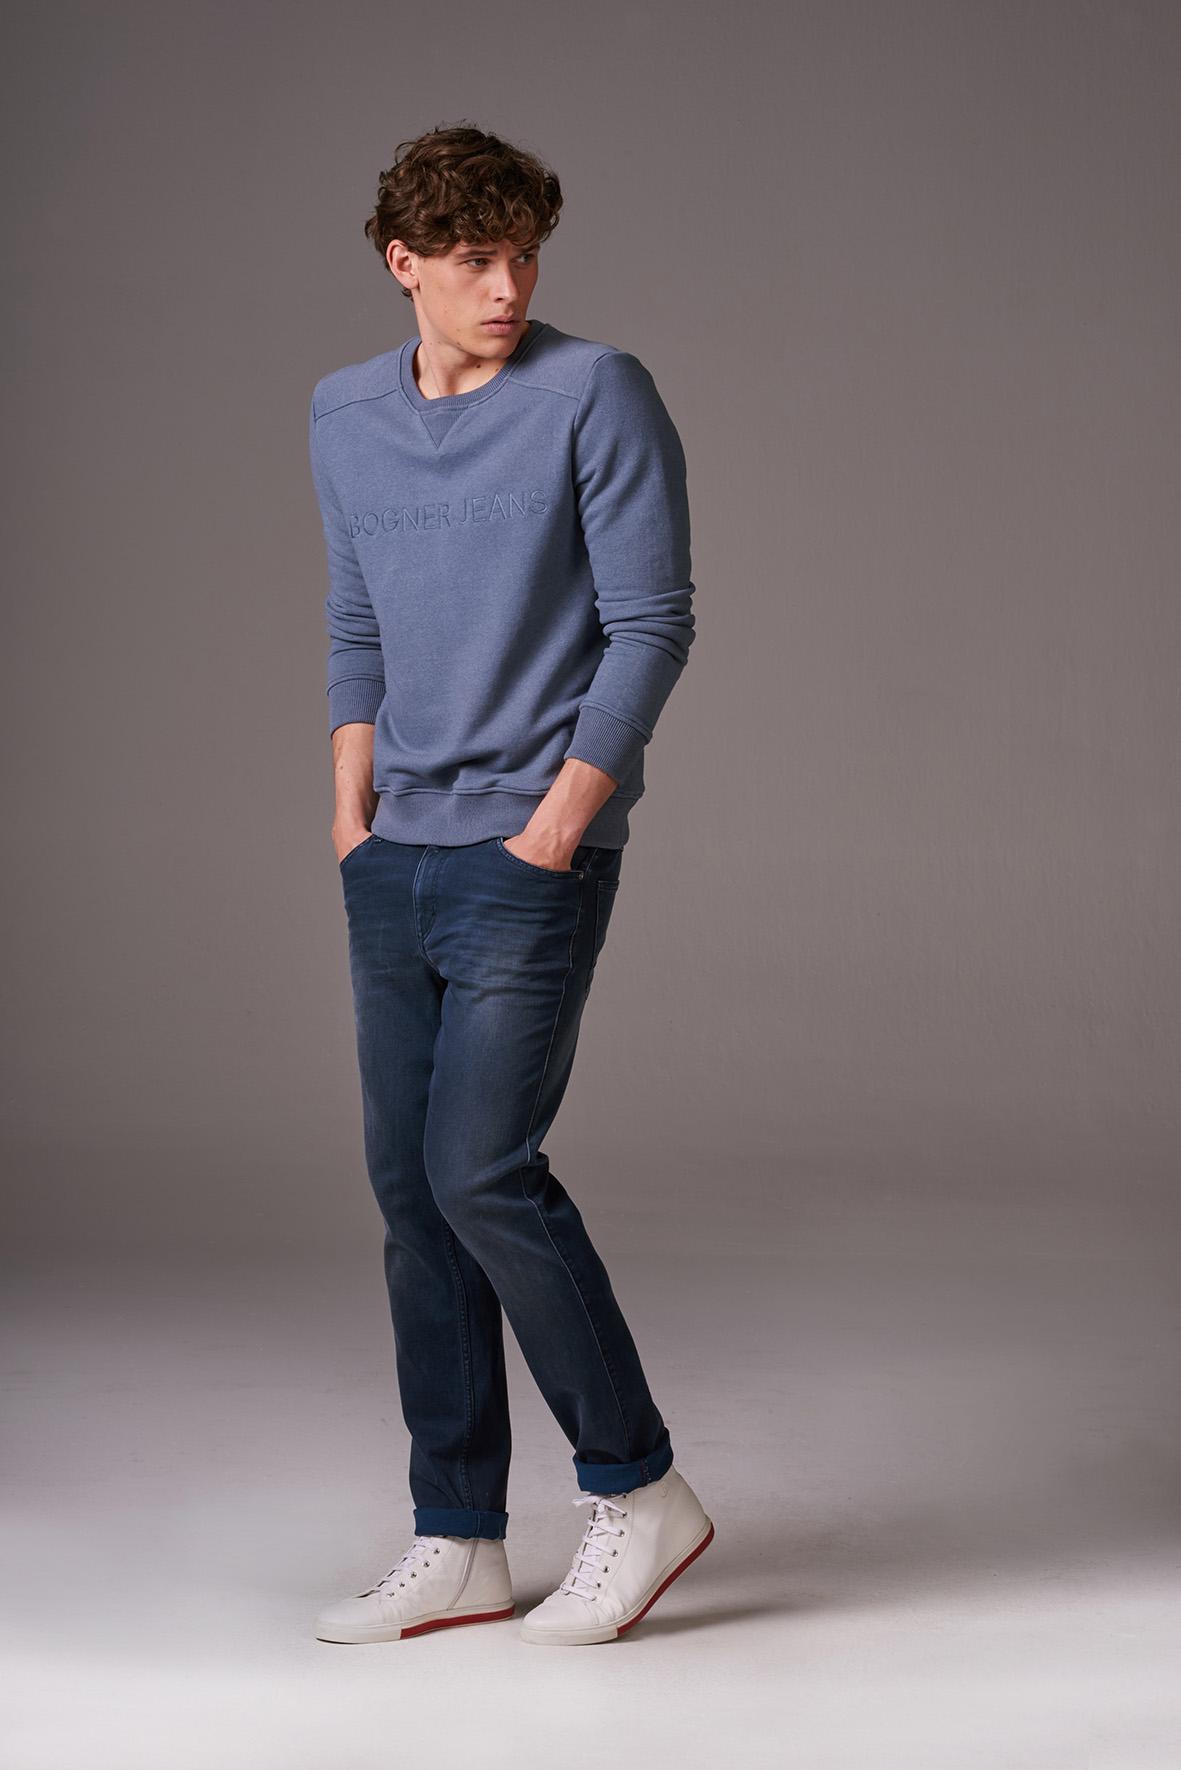 160406_Bogner Jeans-Look_04_078b.jpg